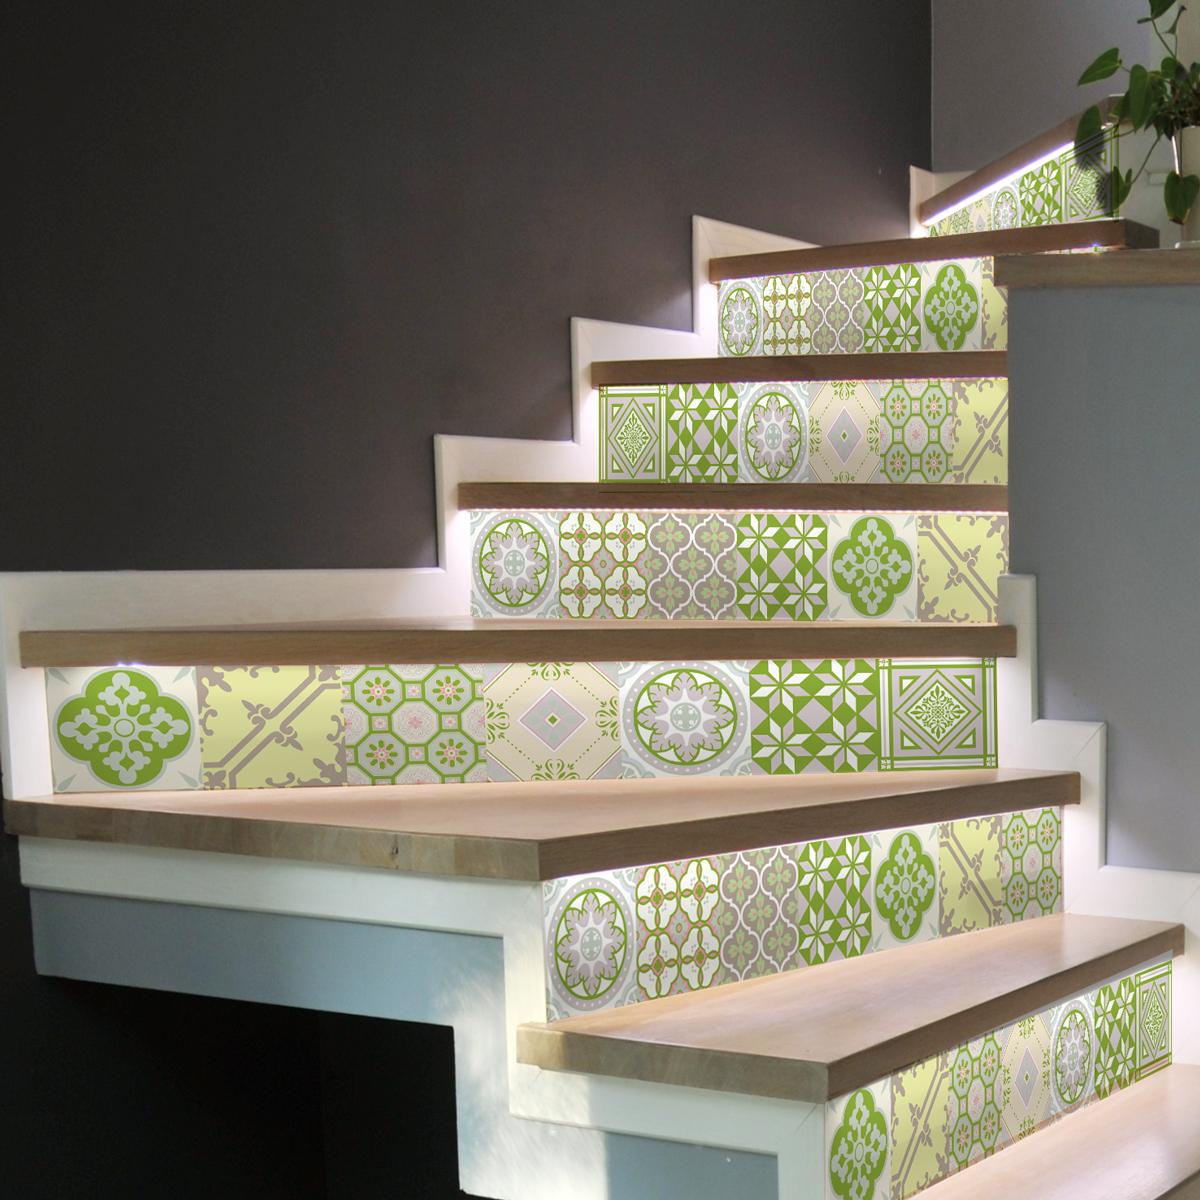 stickers contremarche carrelages nuance de vert x 2 stickers carrelage stickers carrelage. Black Bedroom Furniture Sets. Home Design Ideas